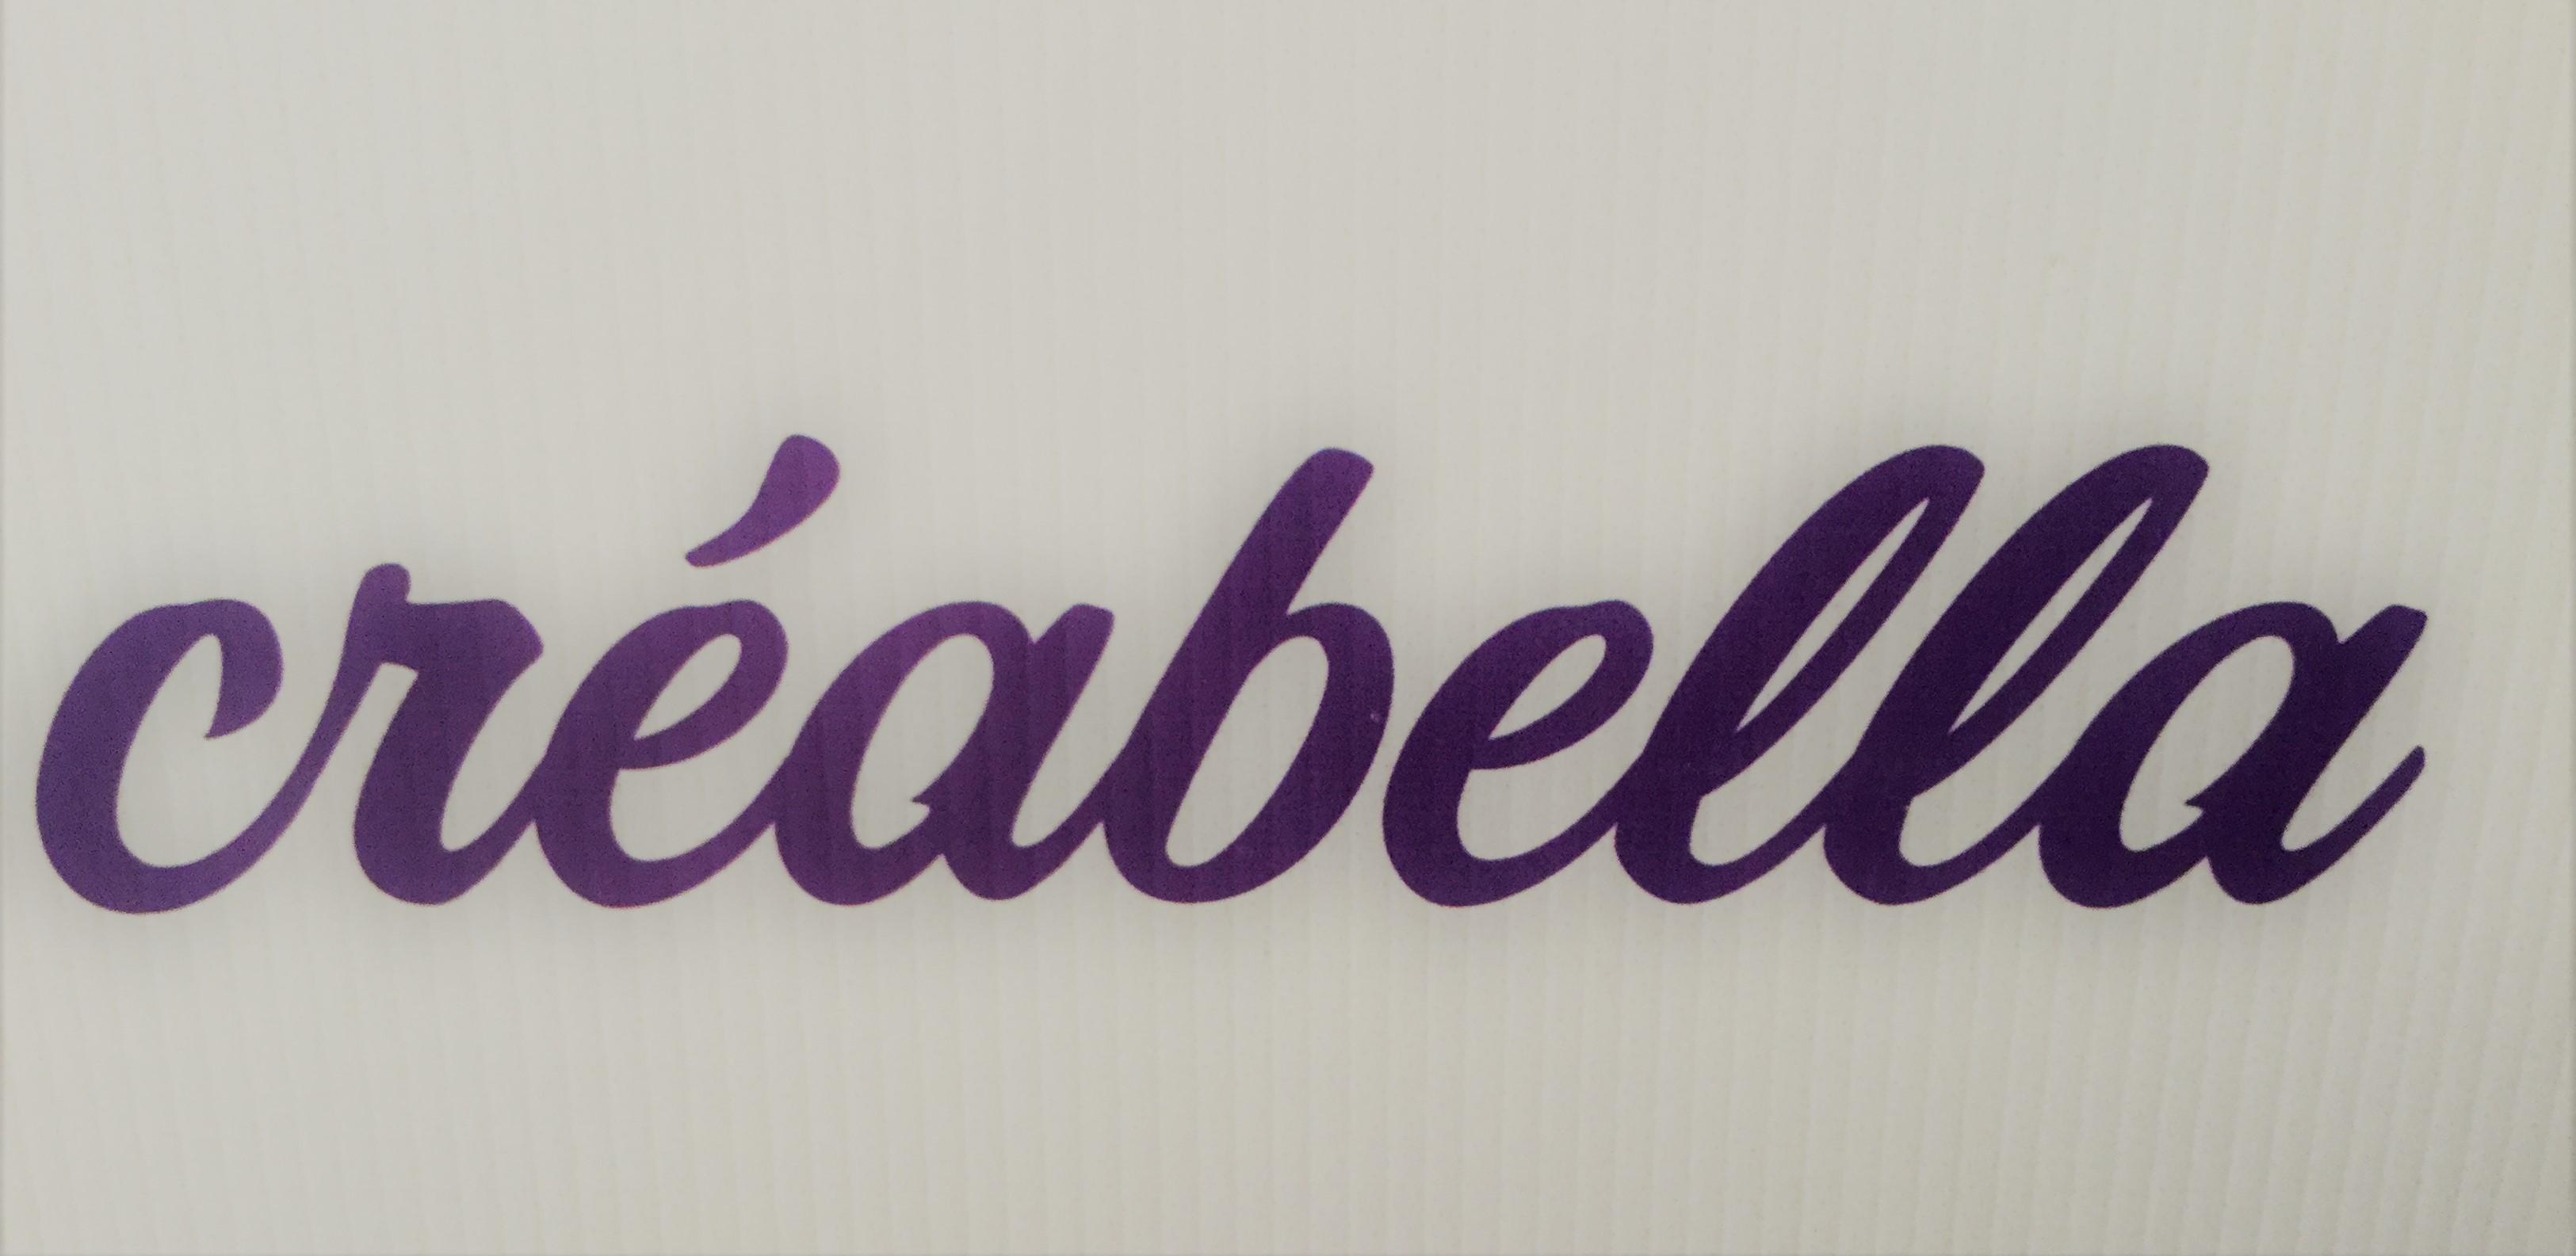 Créabella